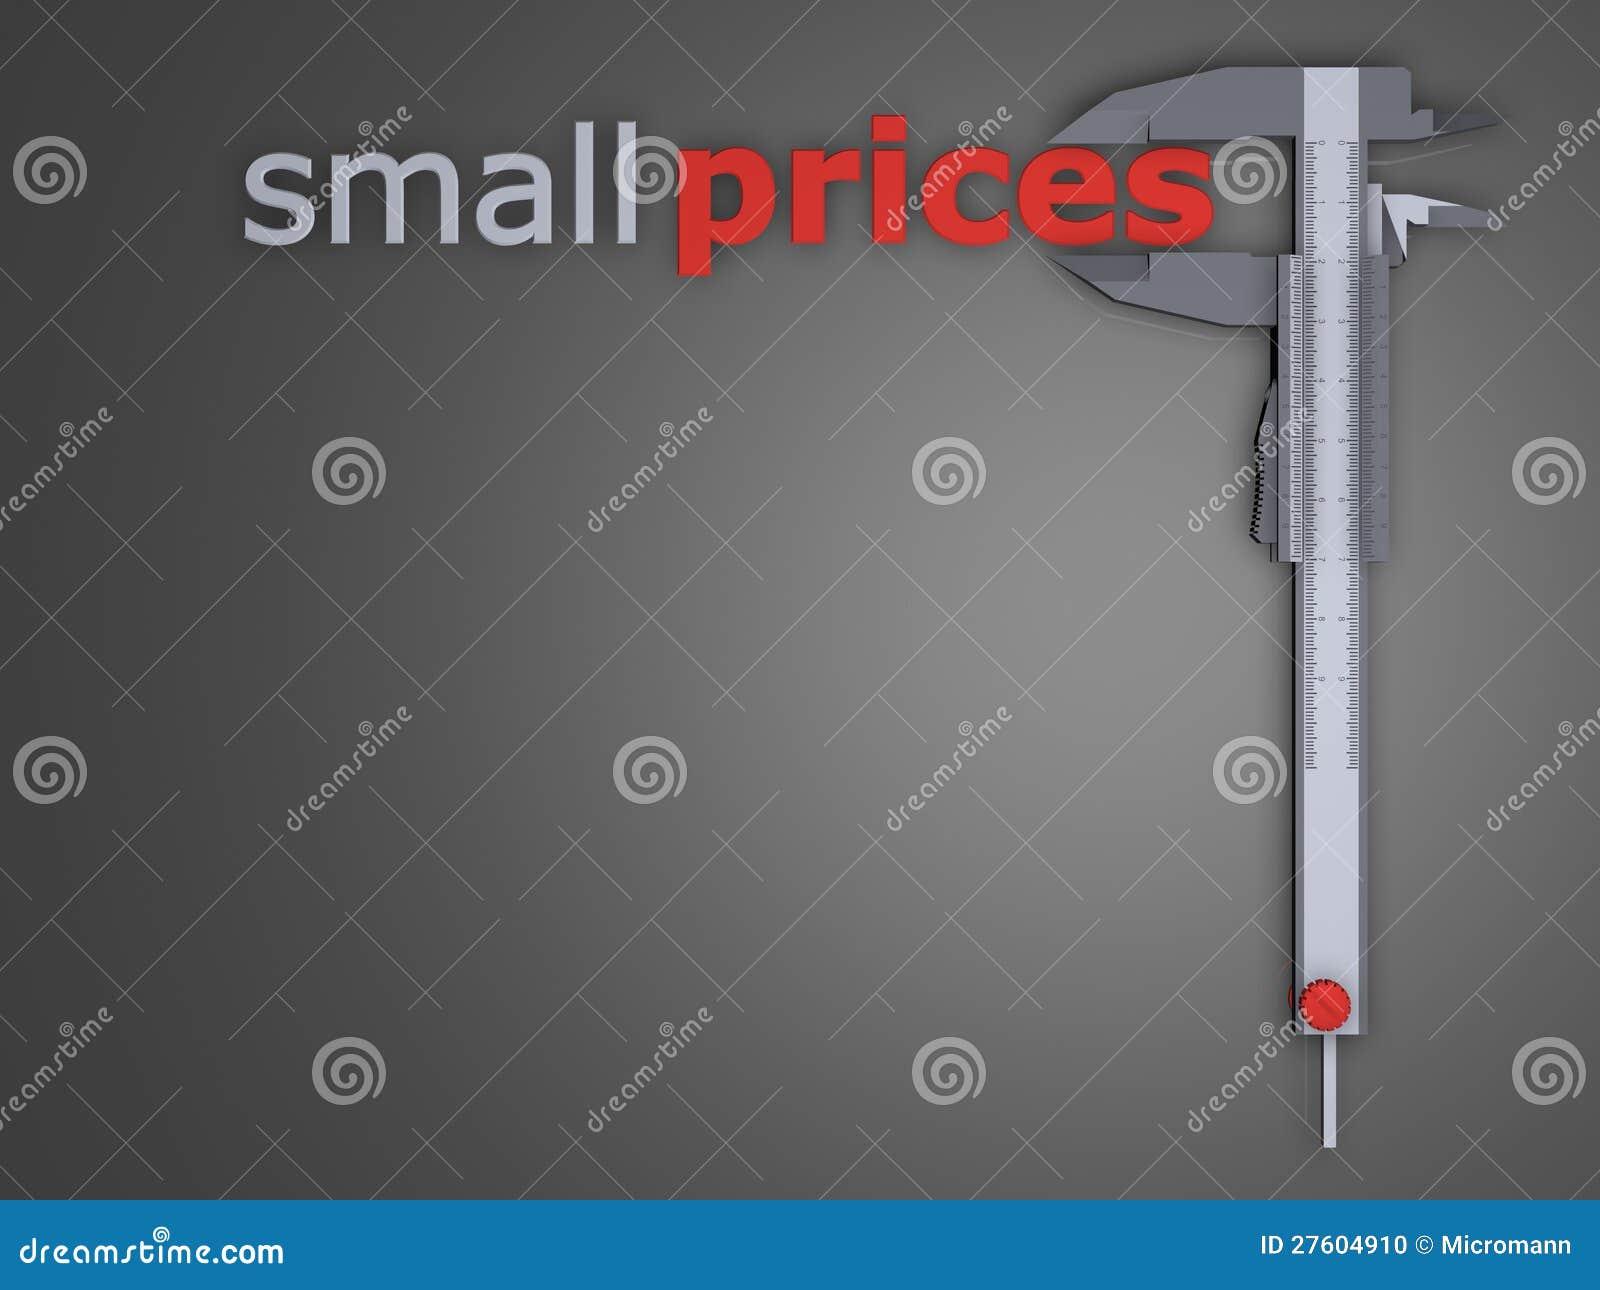 Avfärdar uppgift - lilla priser